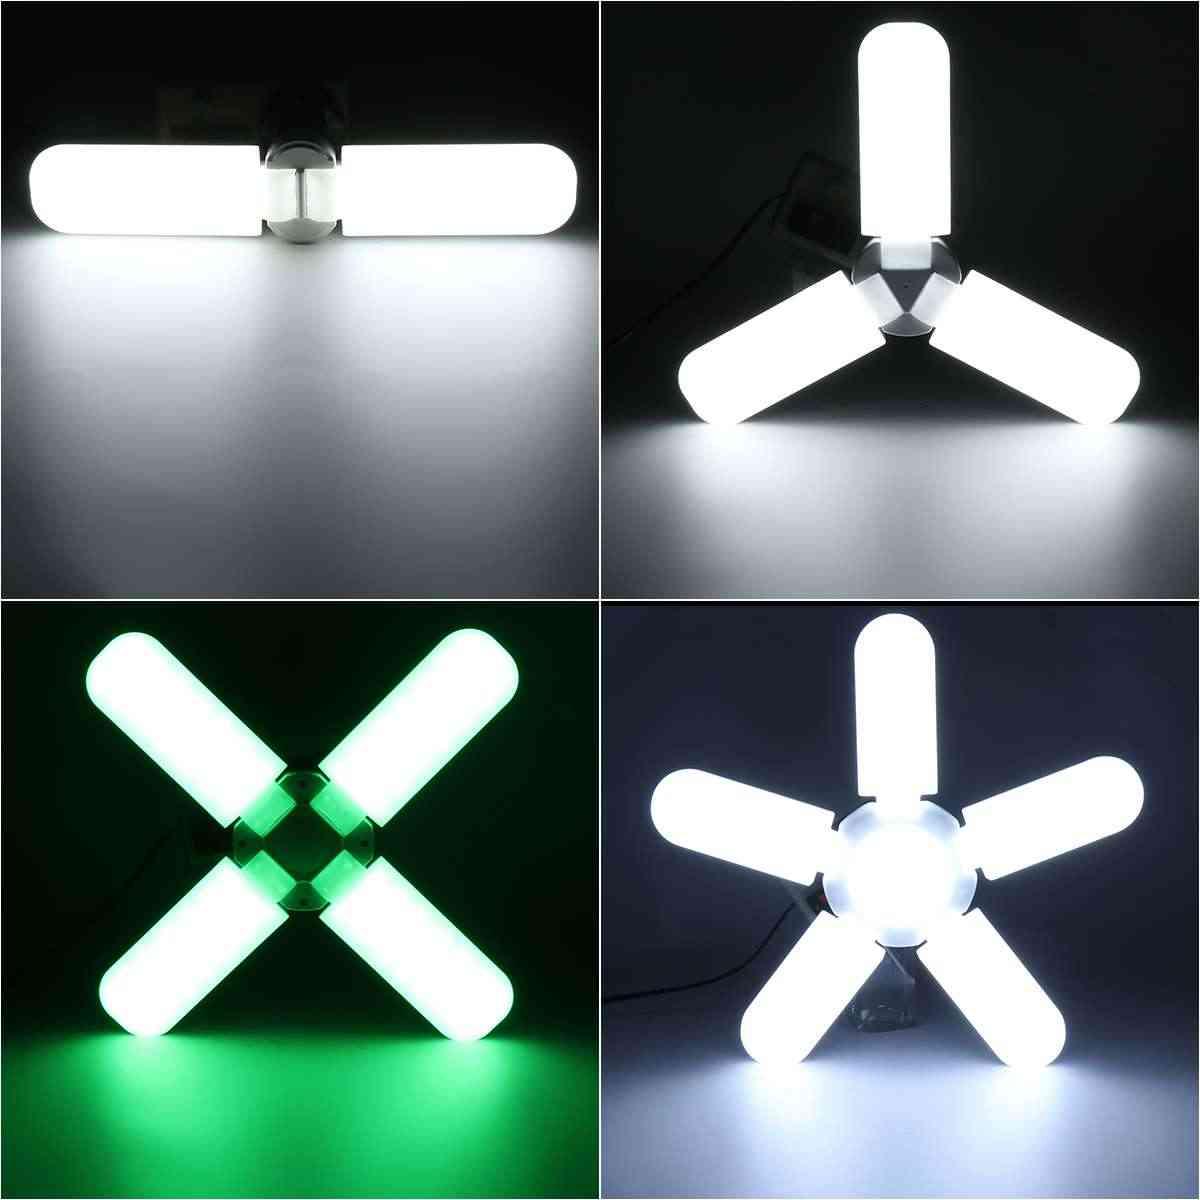 Led Fan Garage Led High Bay Lamp/light Super Bright Industrial Lighting For Workshop